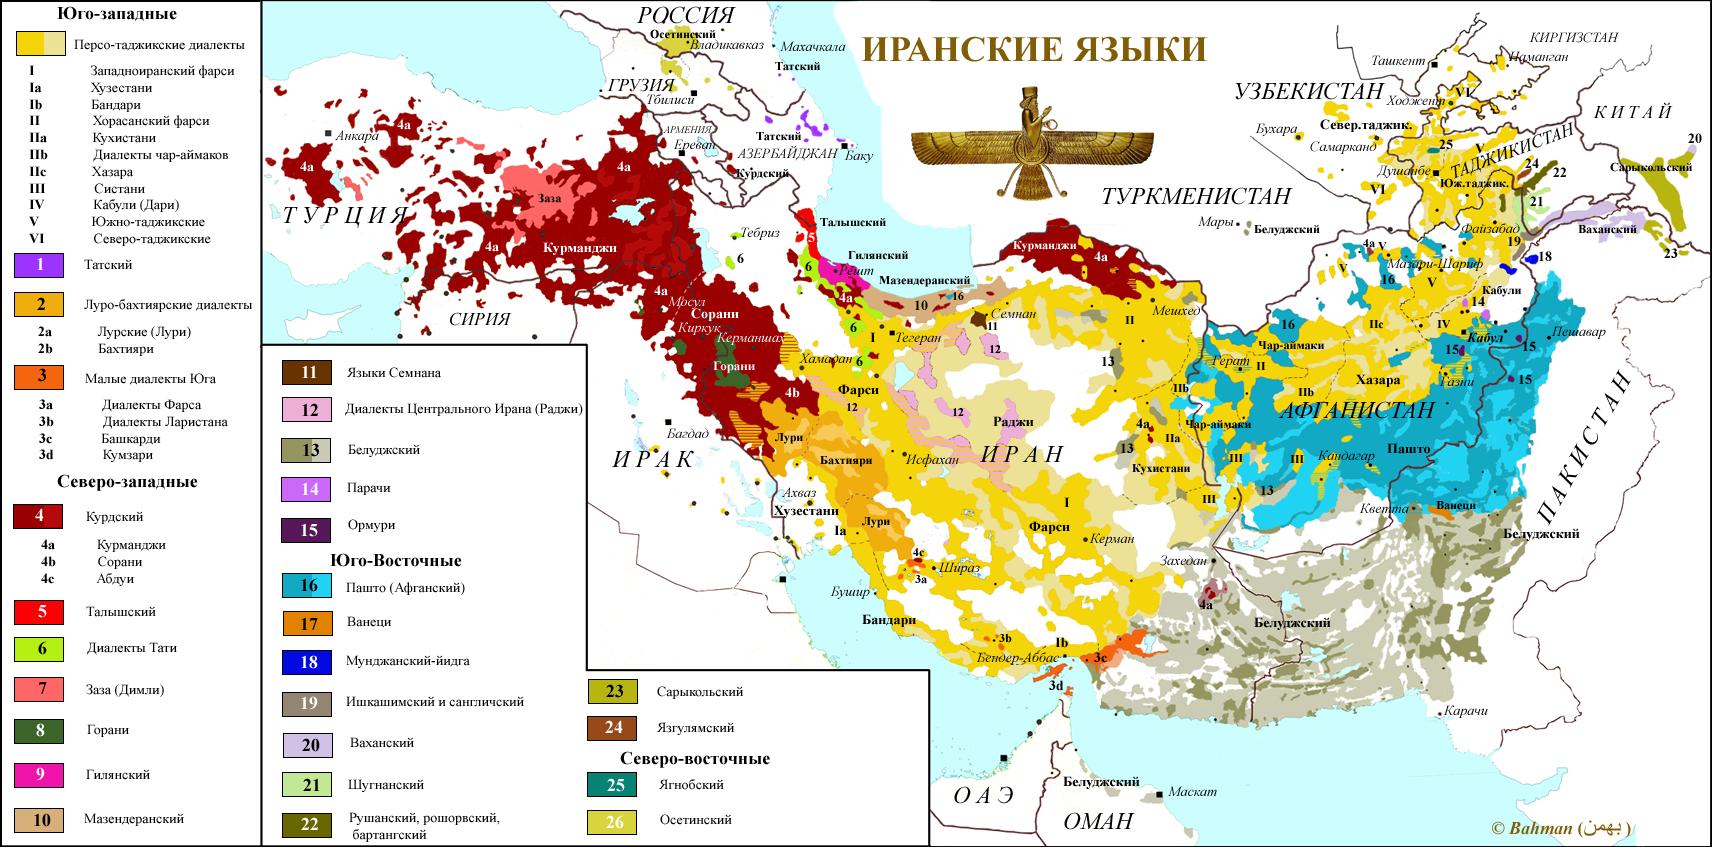 Я чмо вонючее. но не думаю, что иран будет так просто утихомирить.